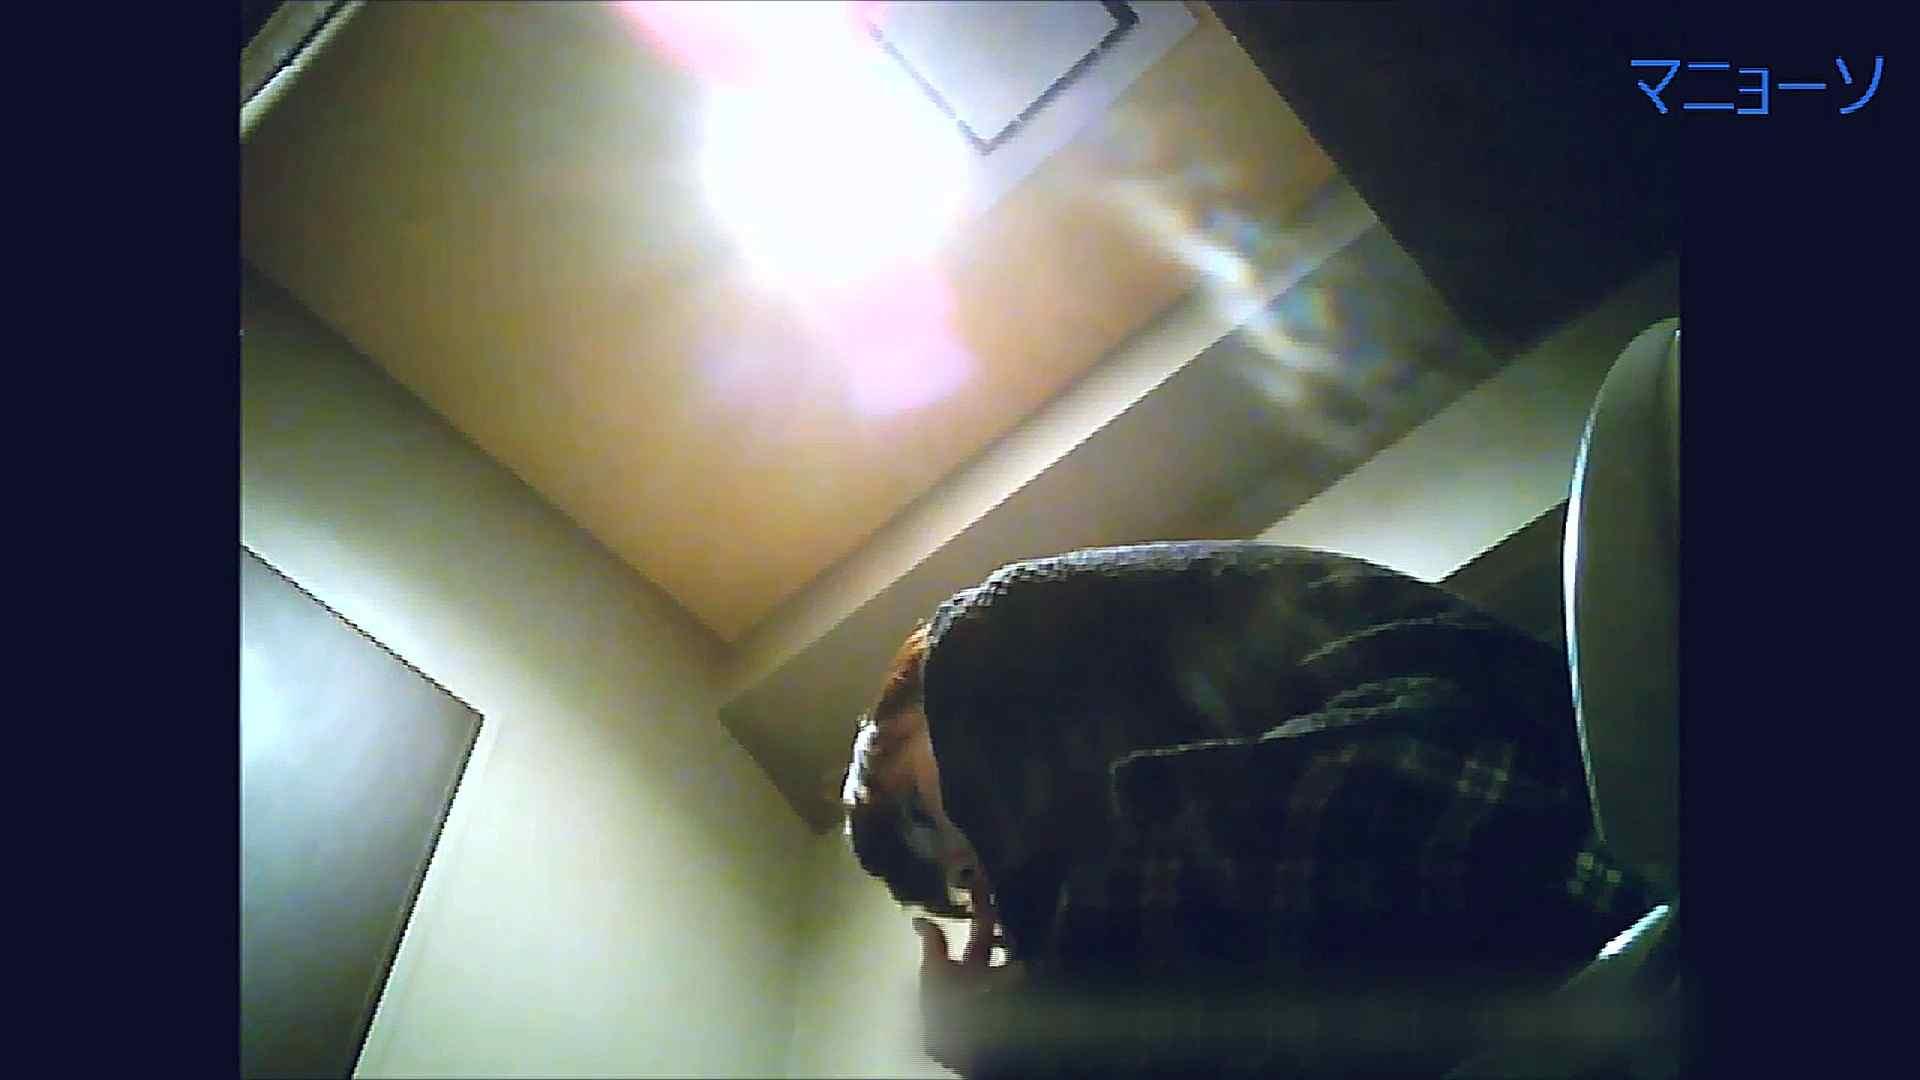 トイレでひと肌脱いでもらいました (OL編)Vol.13 OL | トイレ中  61連発 7